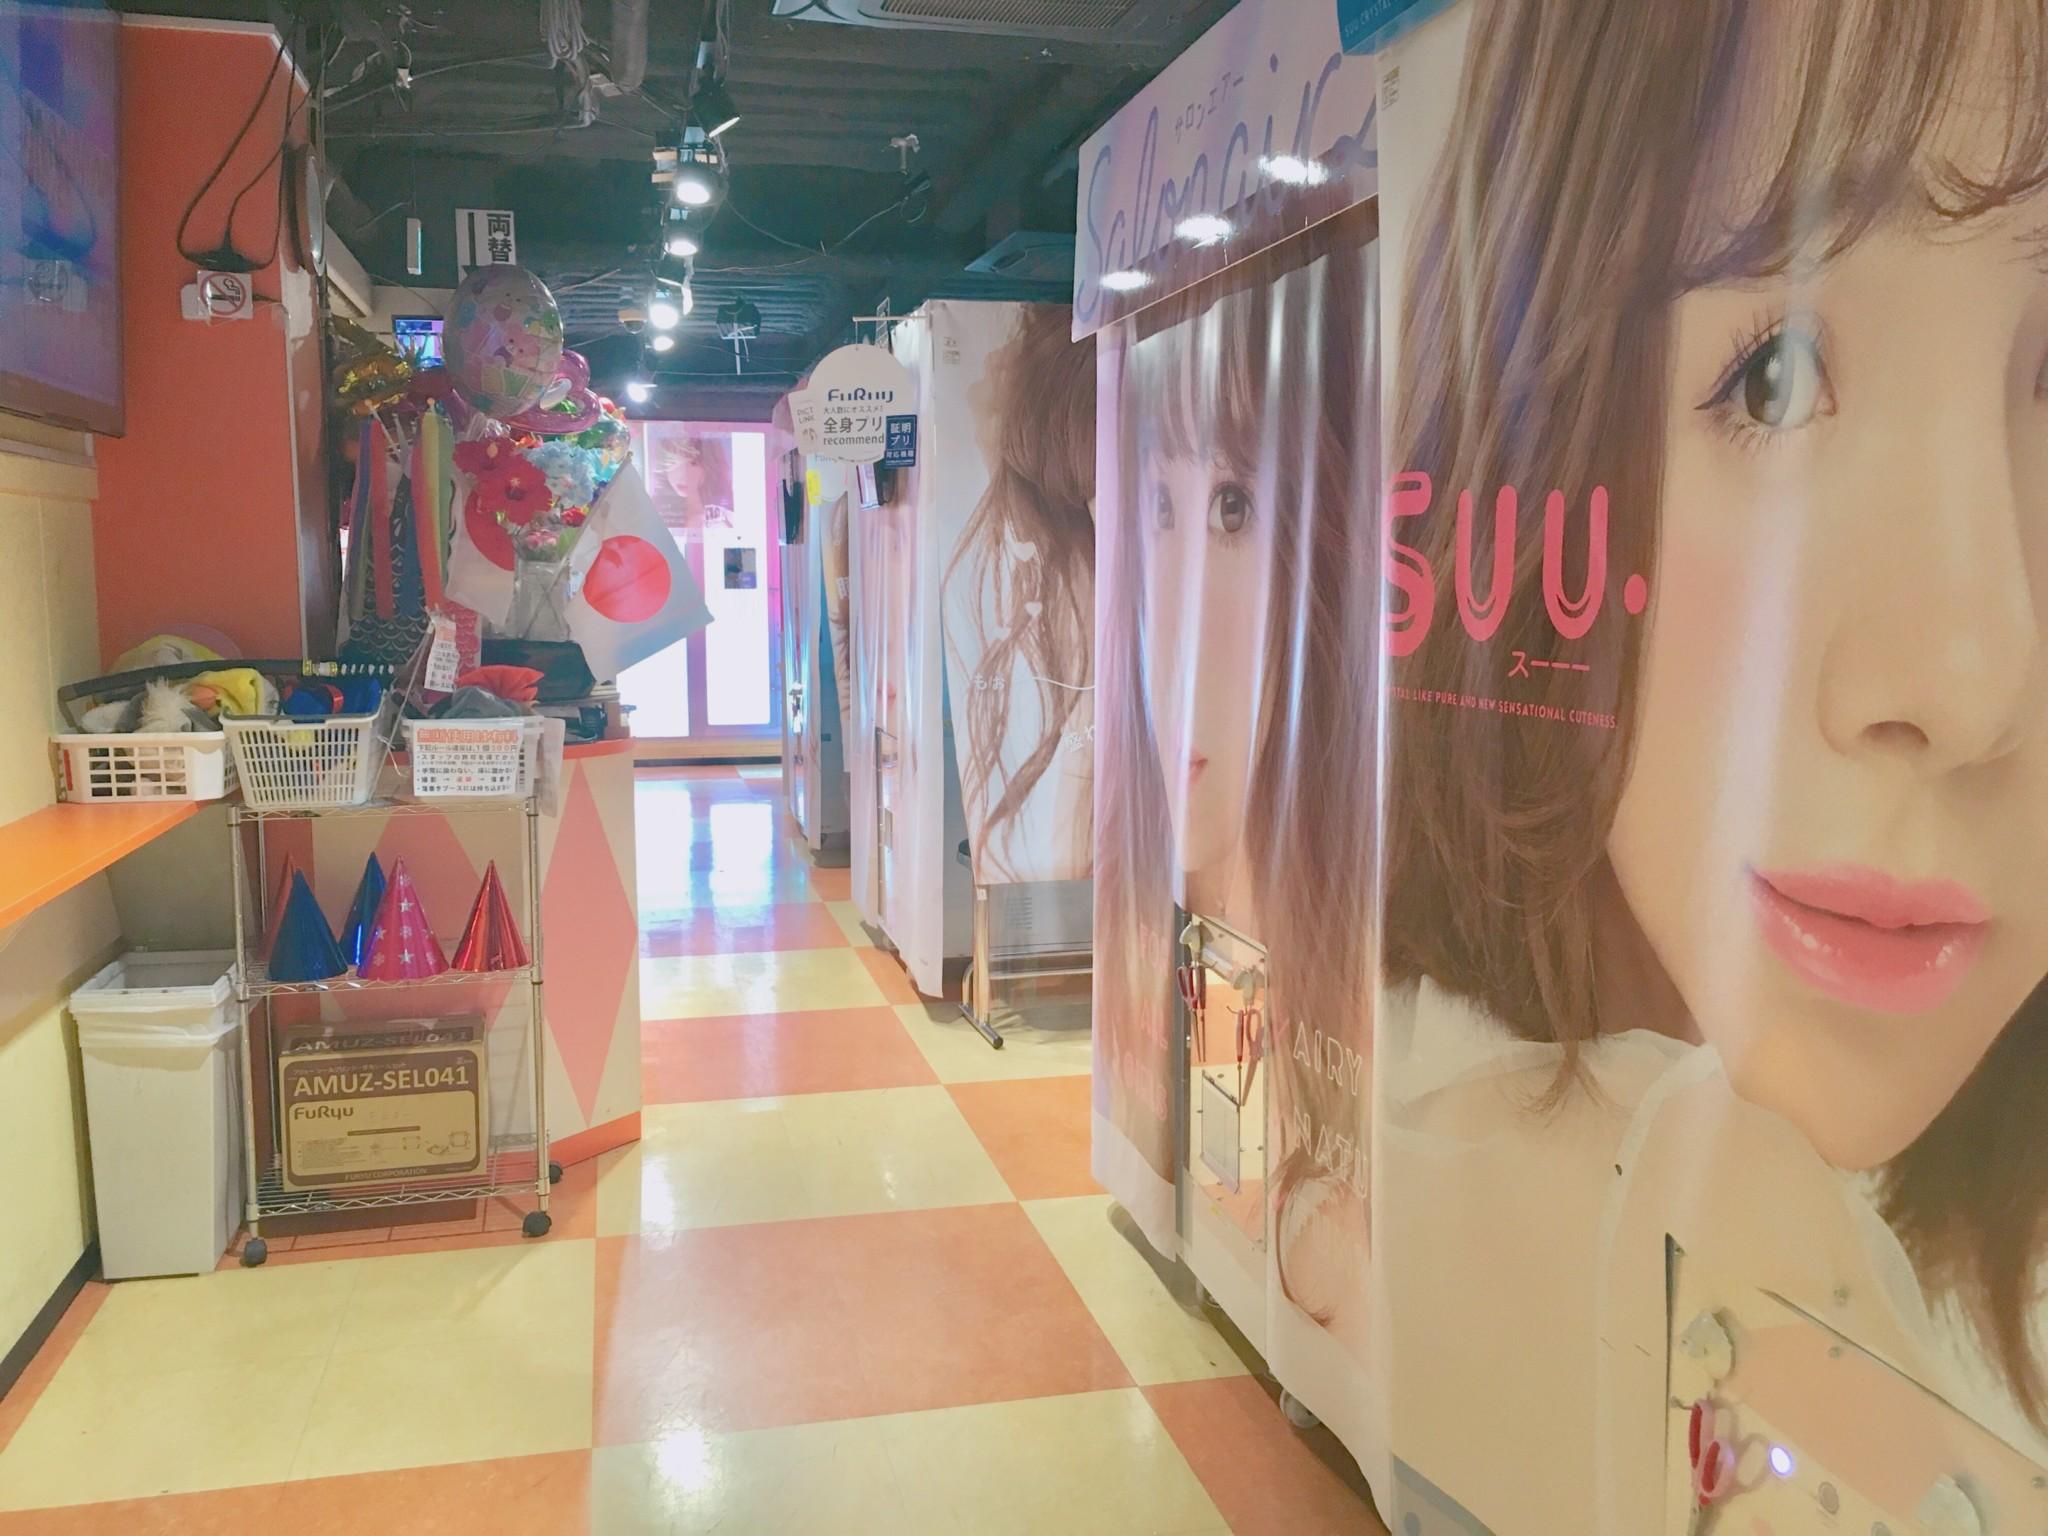 渋谷プリクラが撮れるお店「プリクラのメッカ」2